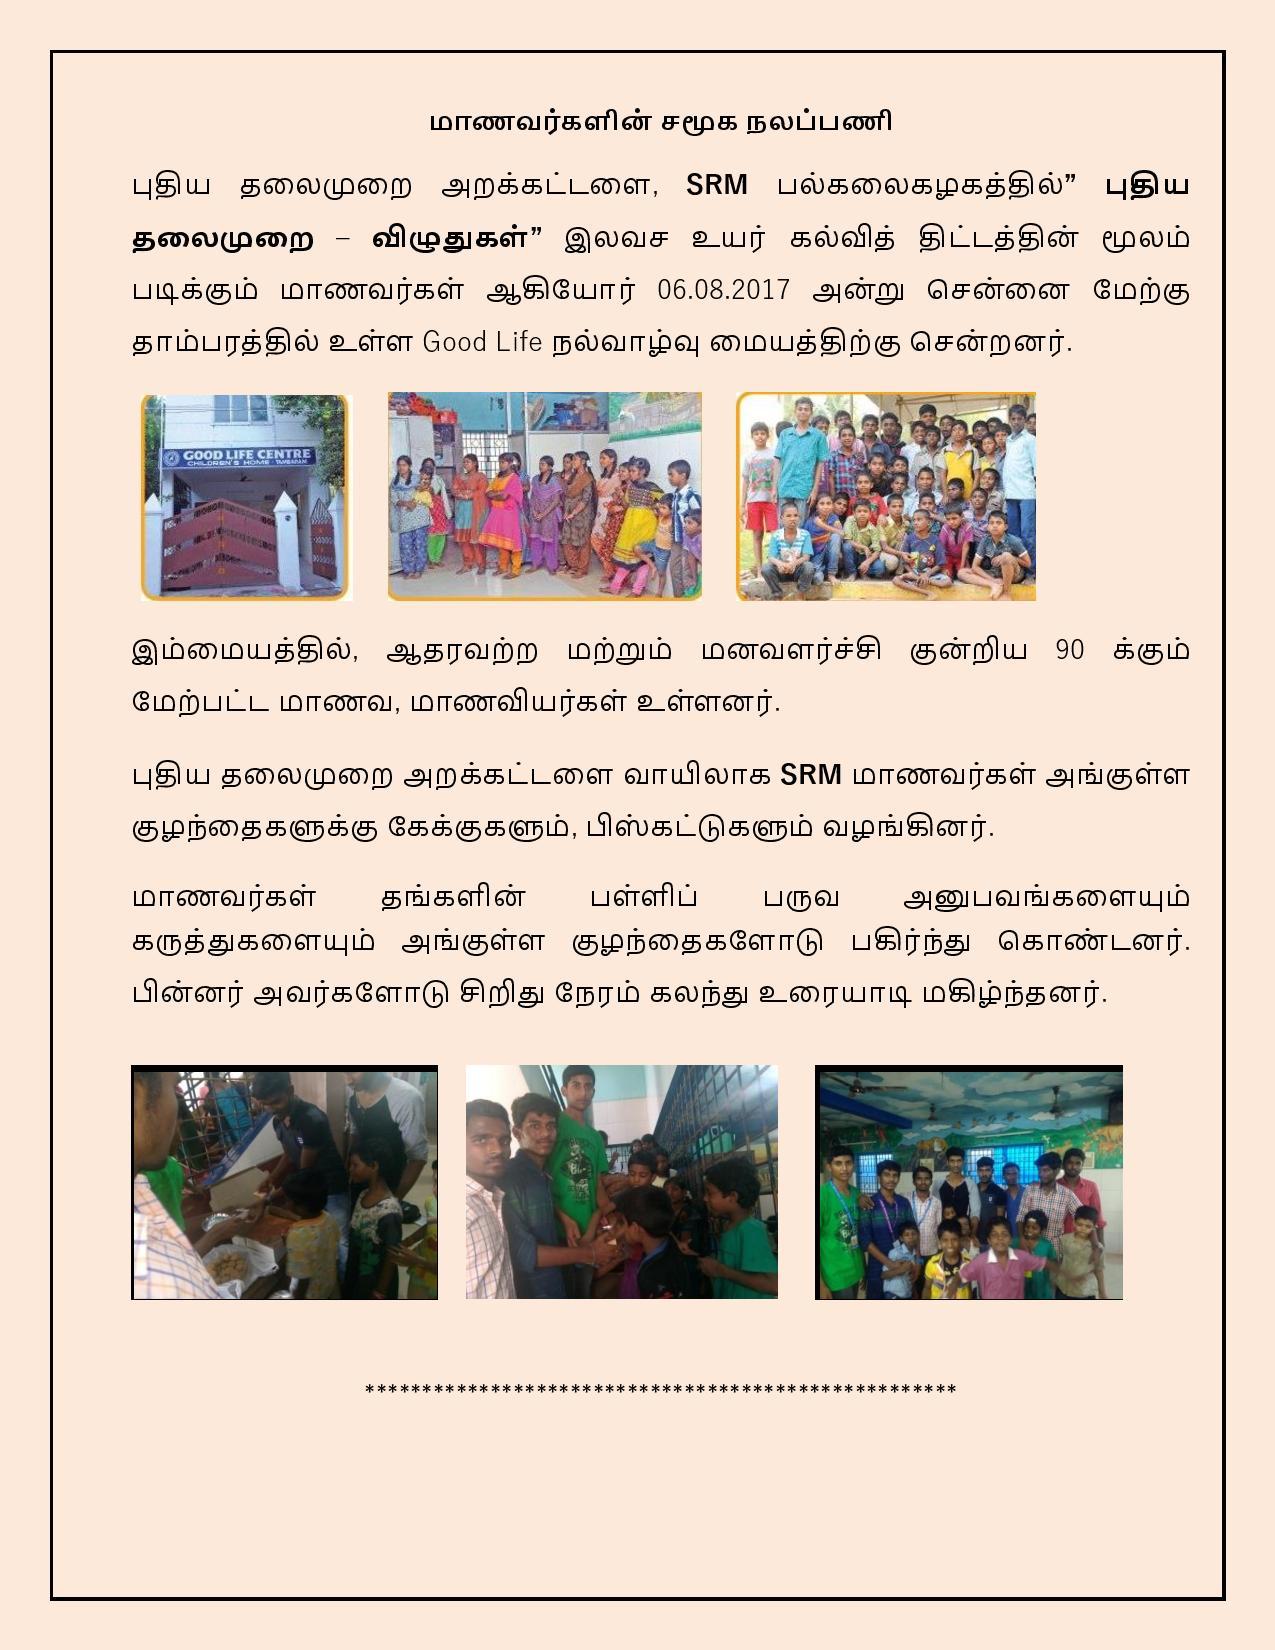 SRM - PTF SCHOLARSHIP STUDENTS COMMUNITY DEVELOPMENT PROGRAMMES-page-001